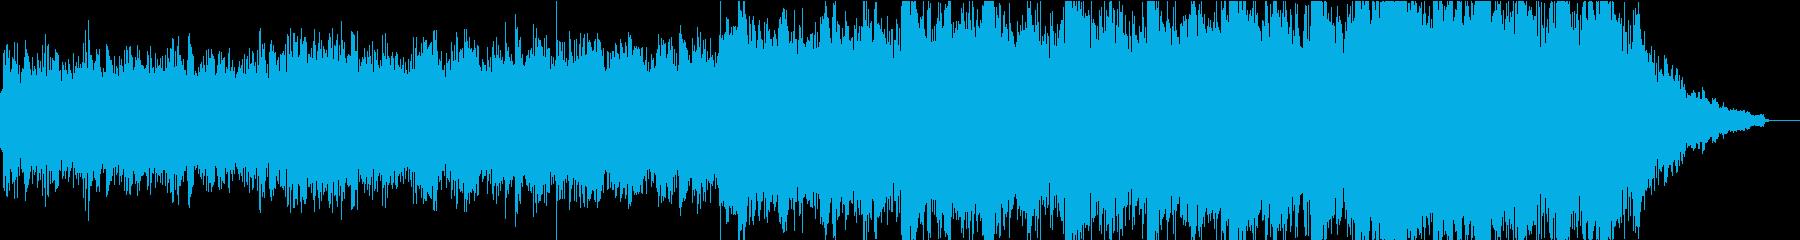 現代的な和風管弦楽①全楽器入りの再生済みの波形